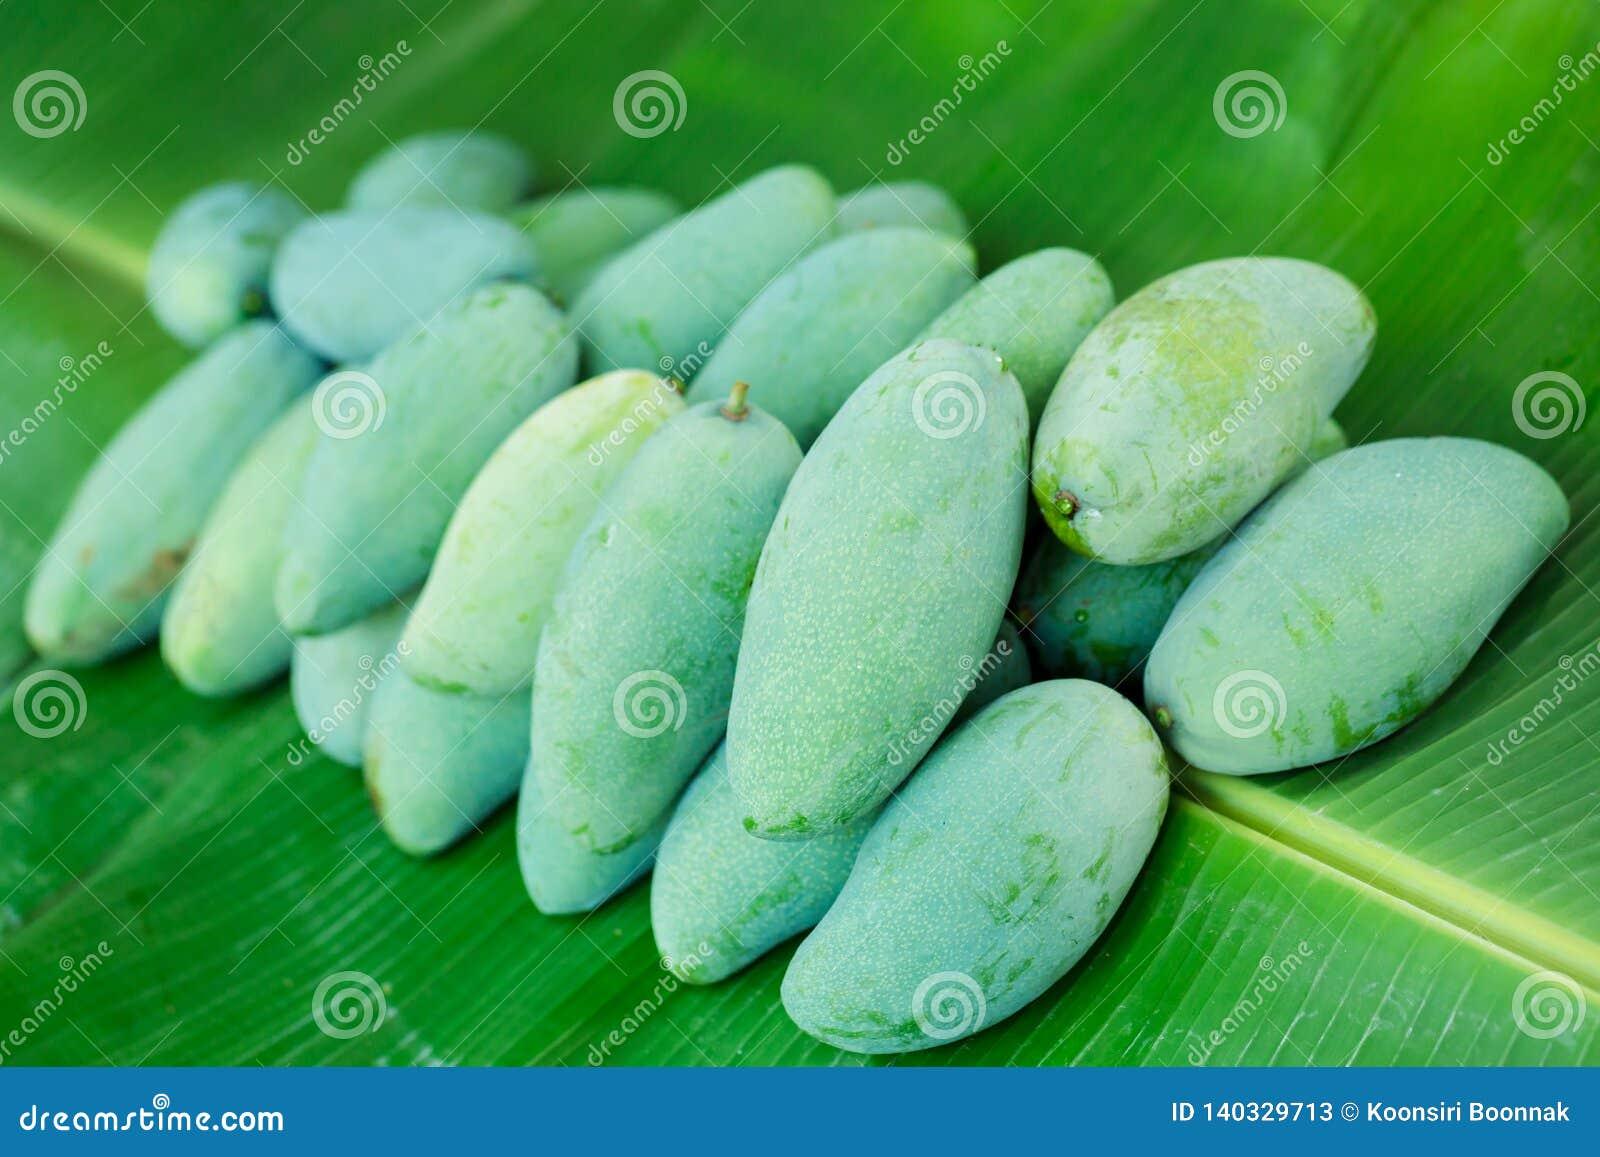 De tropische Thaise groene mango is populair fruit op banaanblad, heeft de mango een uniek aroma met zure smakelijke en hoge vita